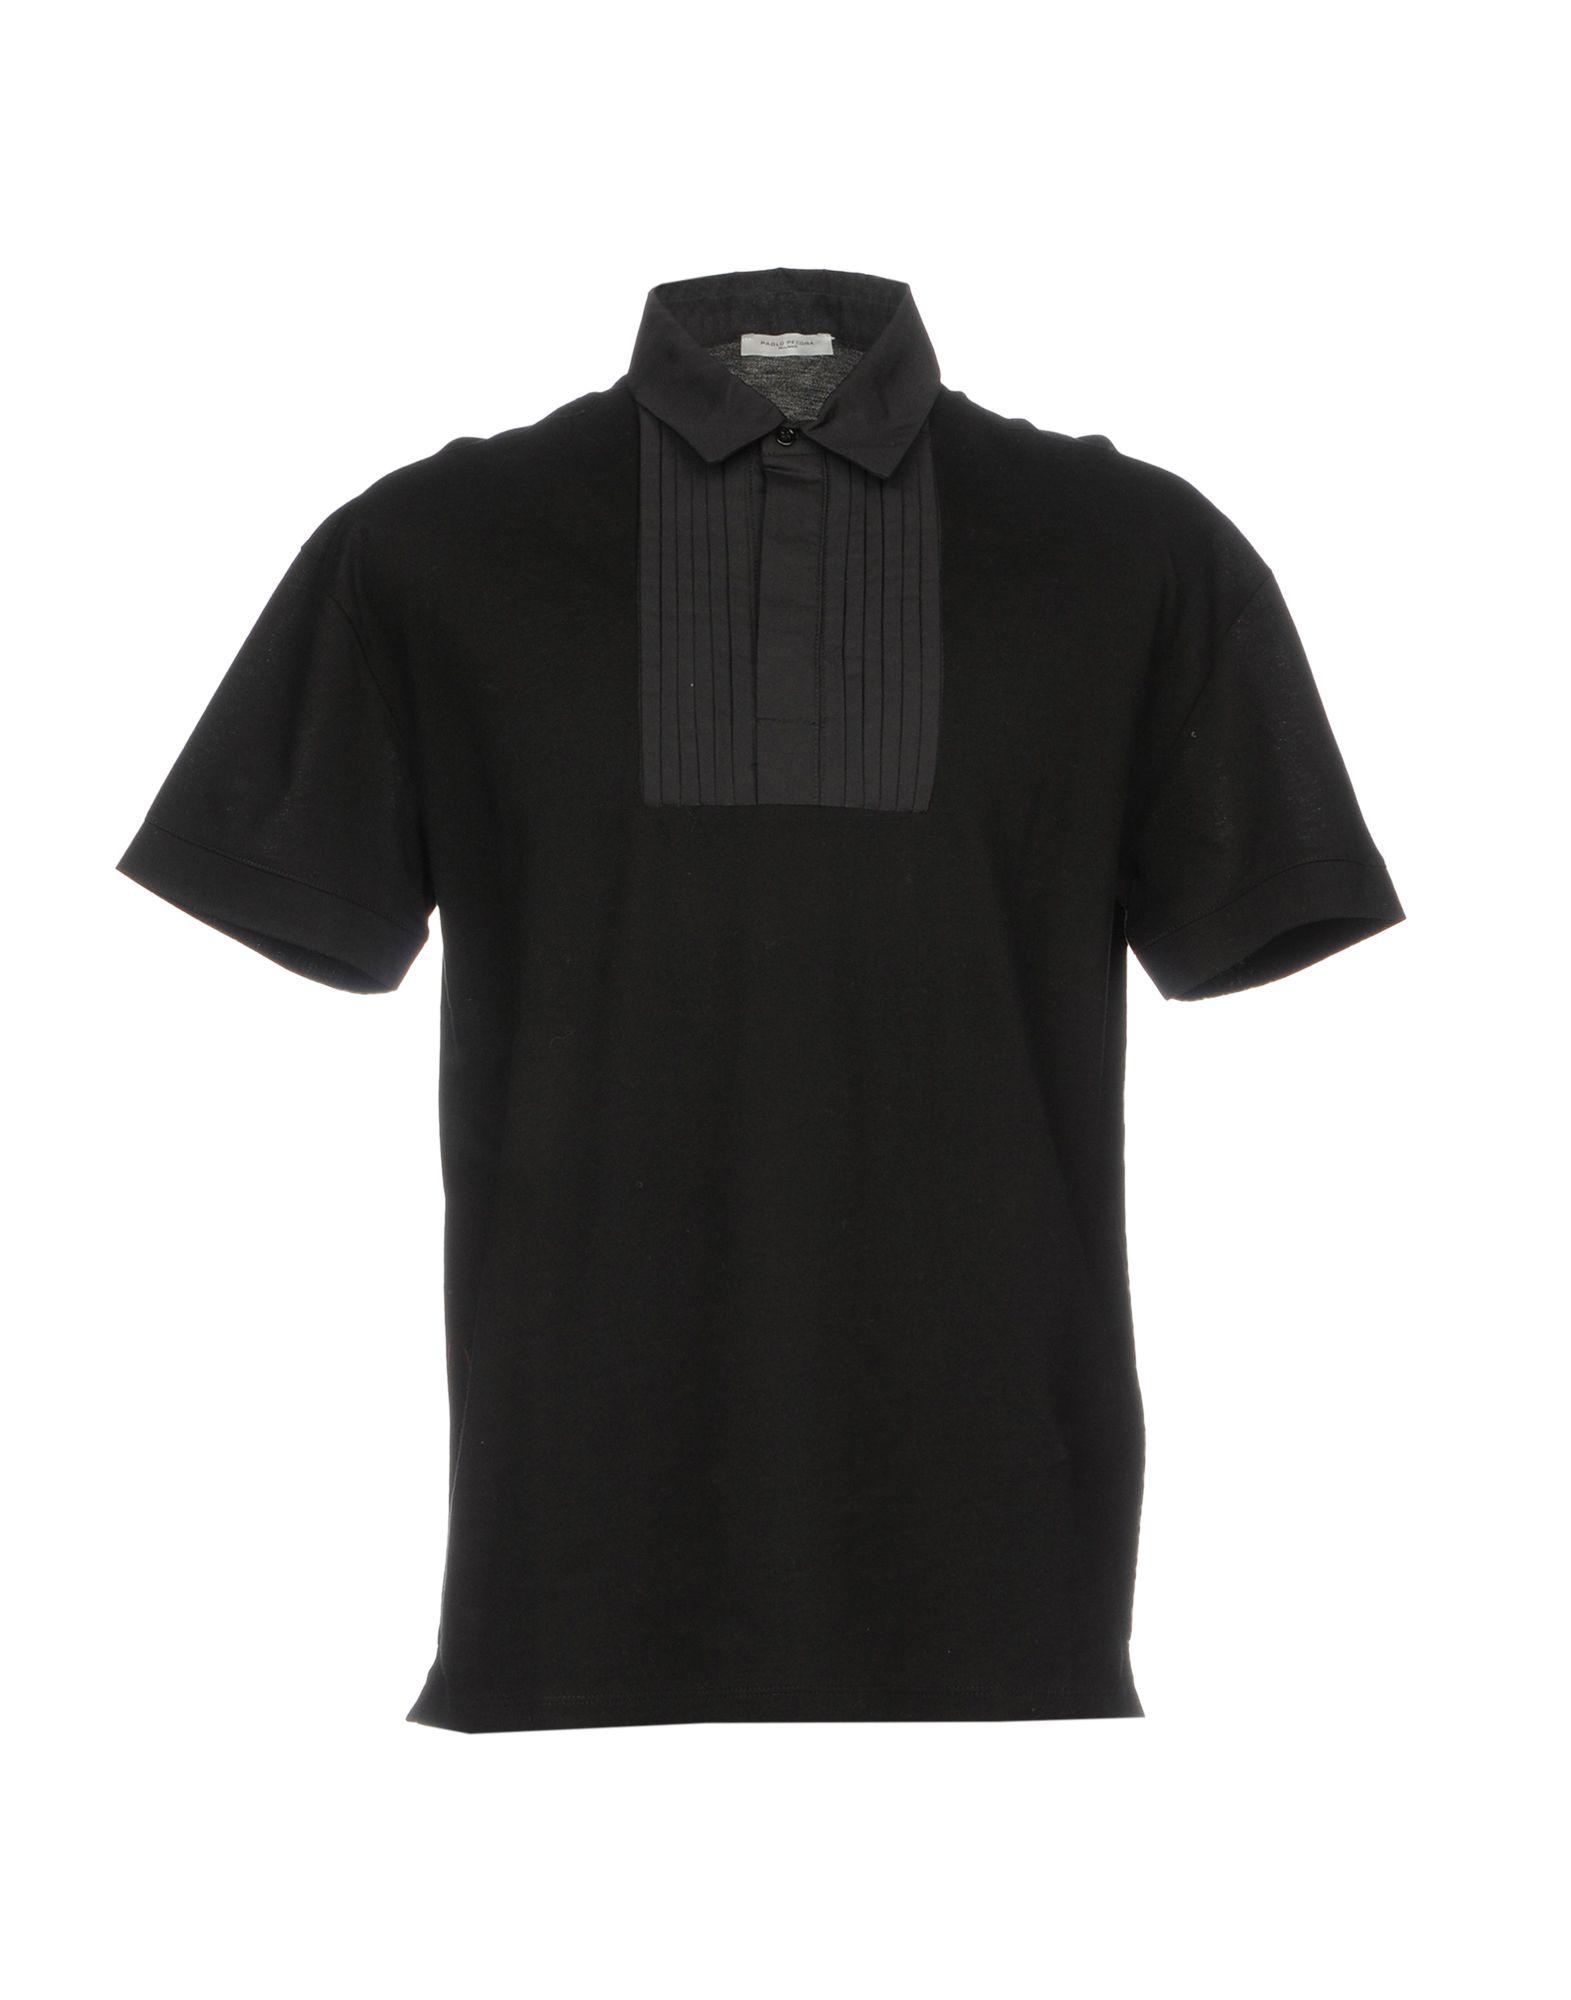 PAOLO PECORA Herren Poloshirt Farbe Schwarz Größe 8 jetztbilligerkaufen